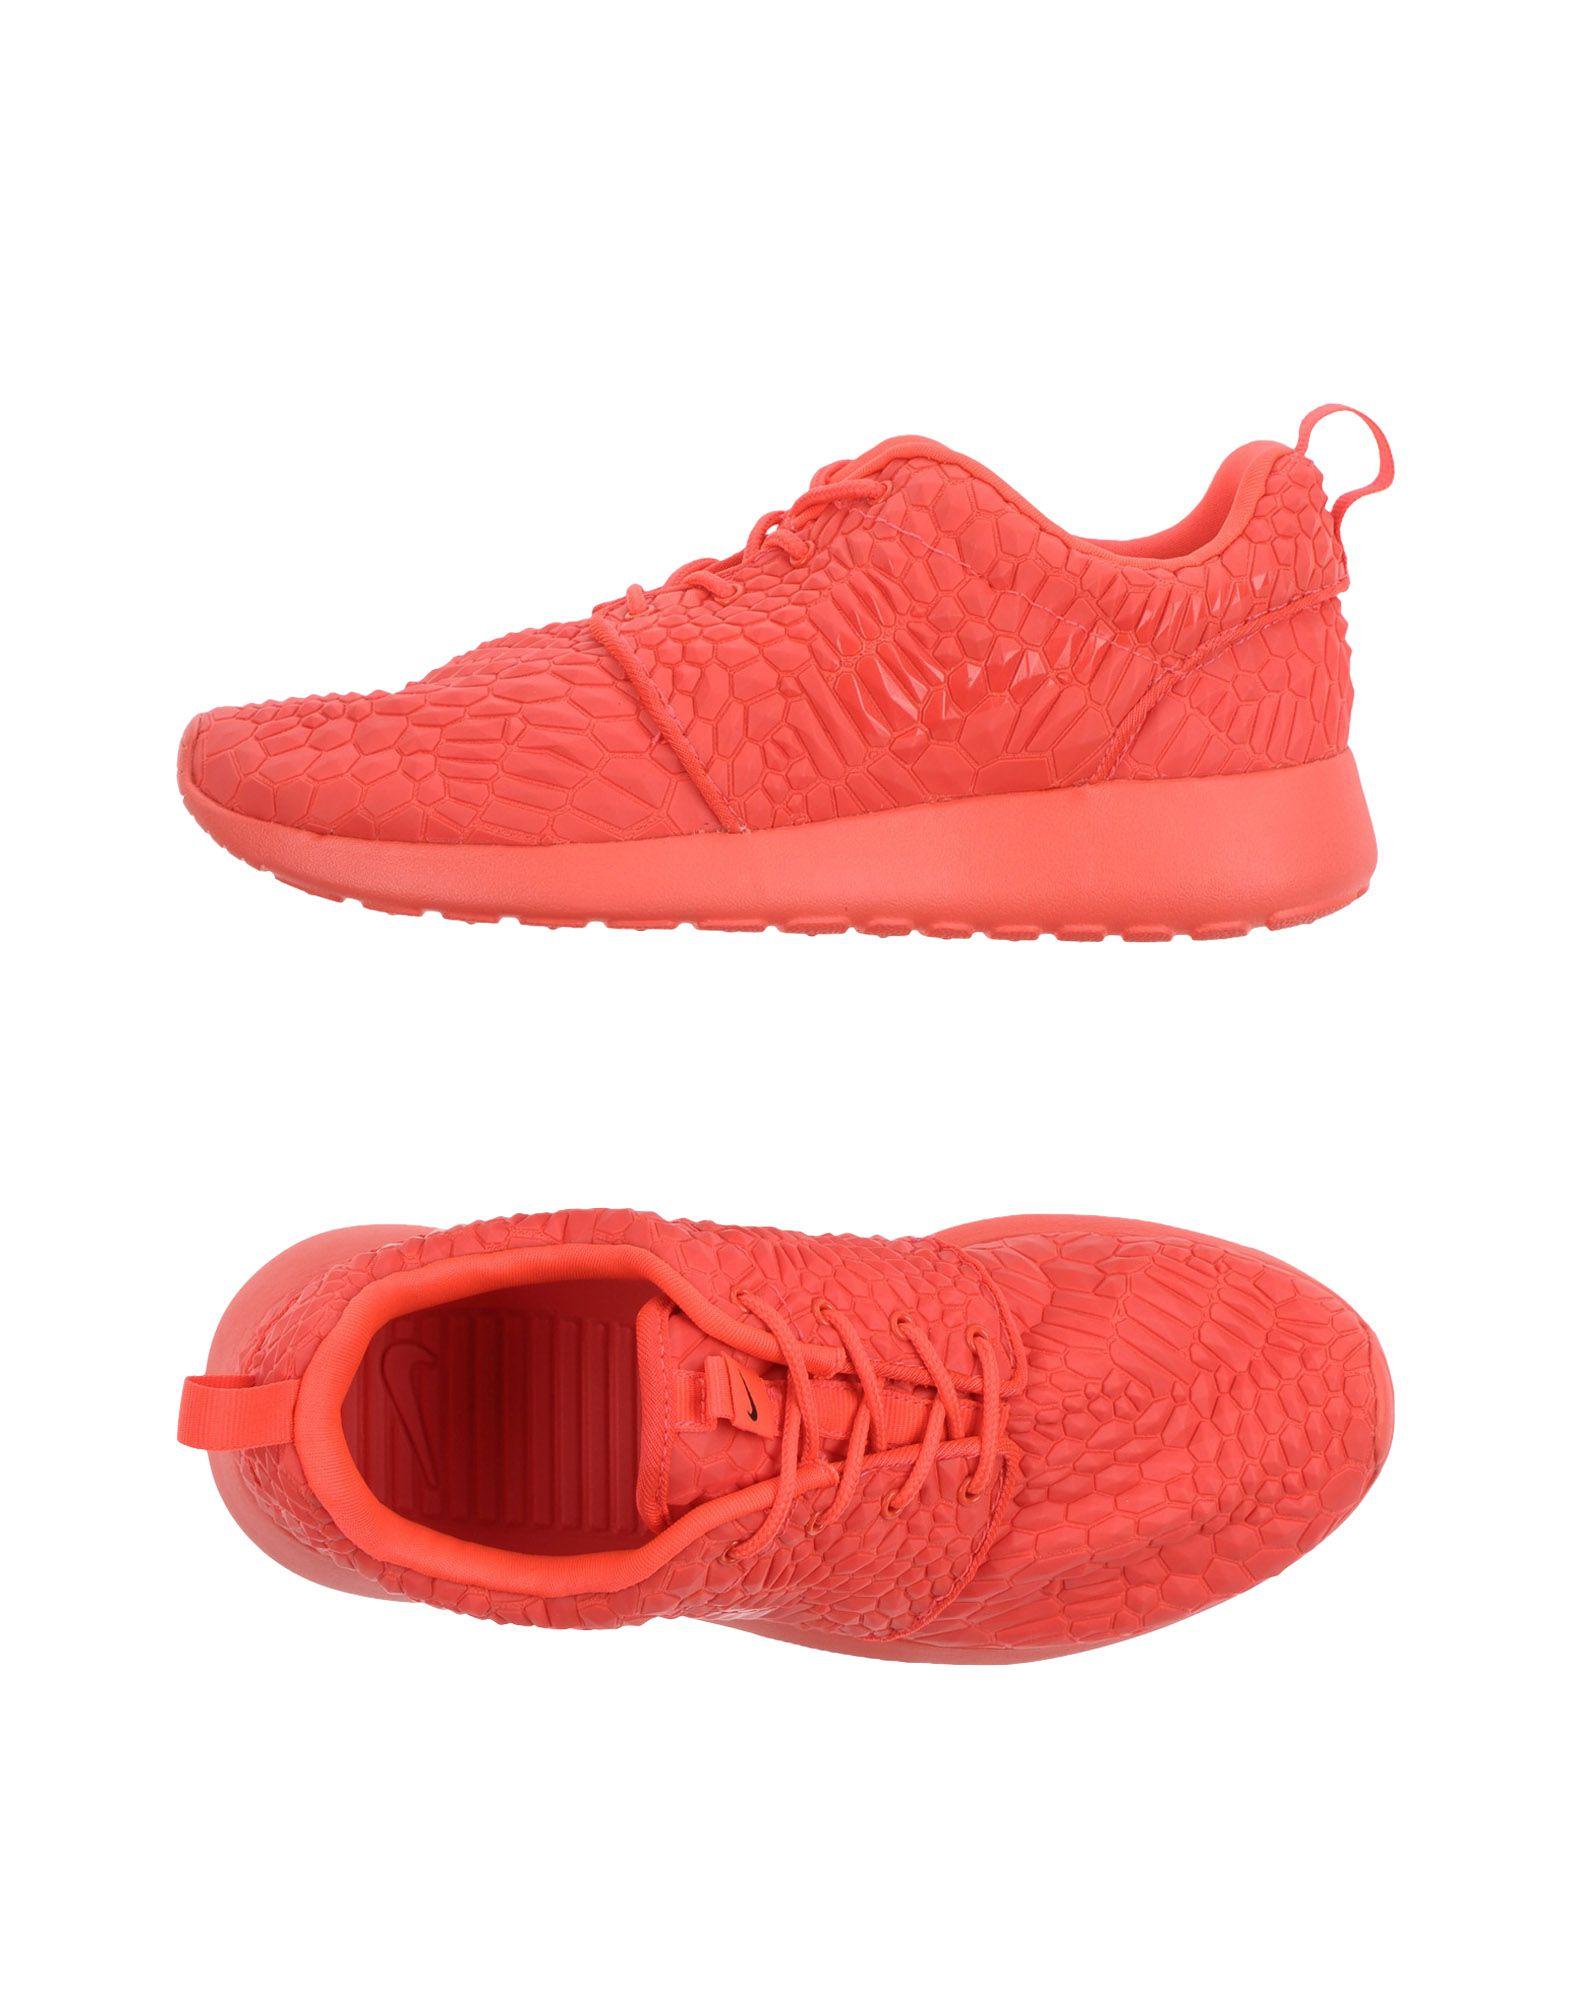 Moda Donna Scarpe da Ginnastica Nike Donna Moda - 11357711HL e80990